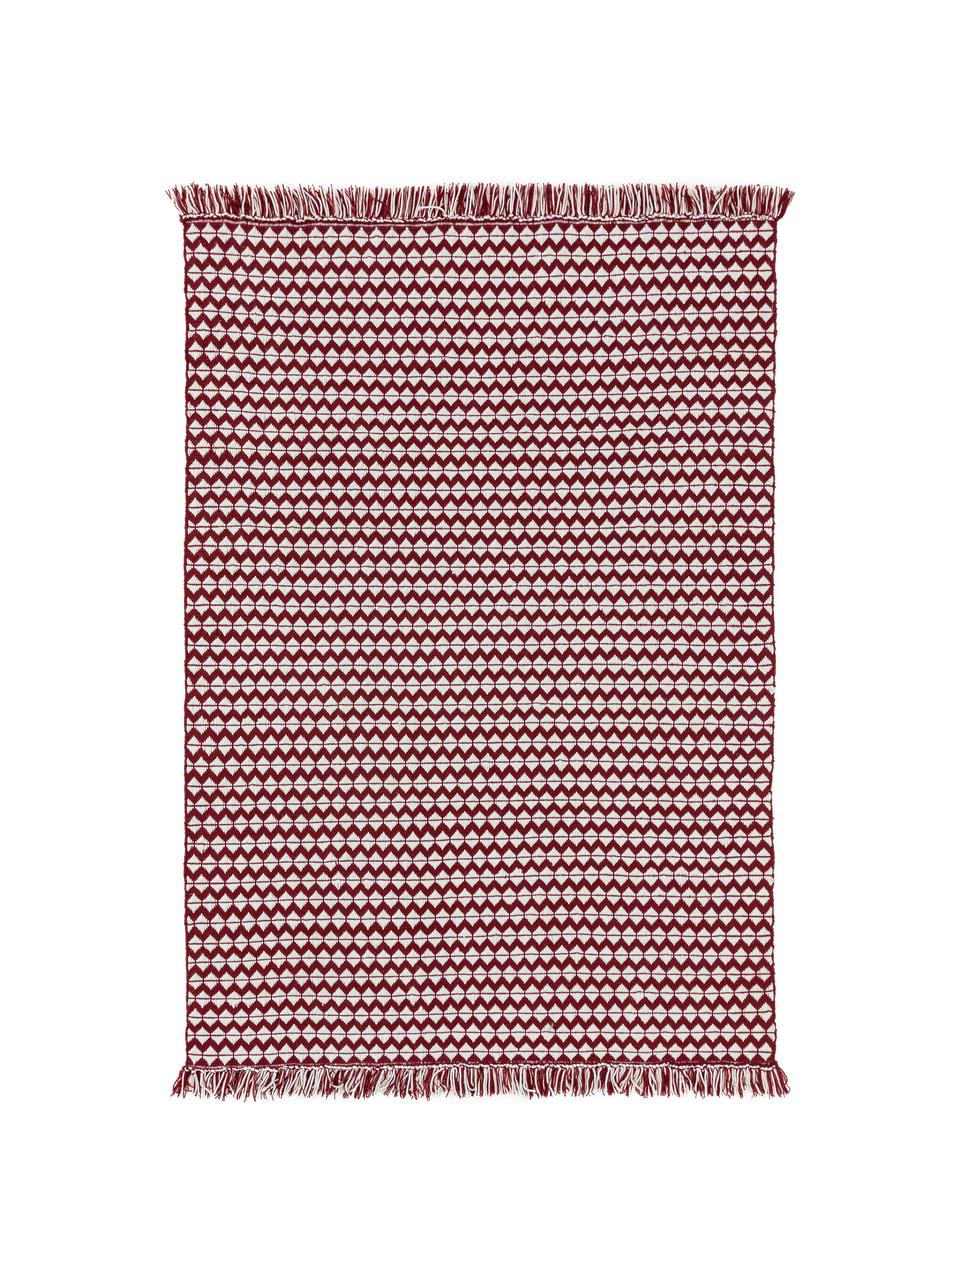 In- & Outdoor-Teppich Morty mit Ethnomuster und Fransen, 100% Polyester (recyceltes PET), Rot, gebrochenes Weiß, B 120 x L 170 cm (Größe S)